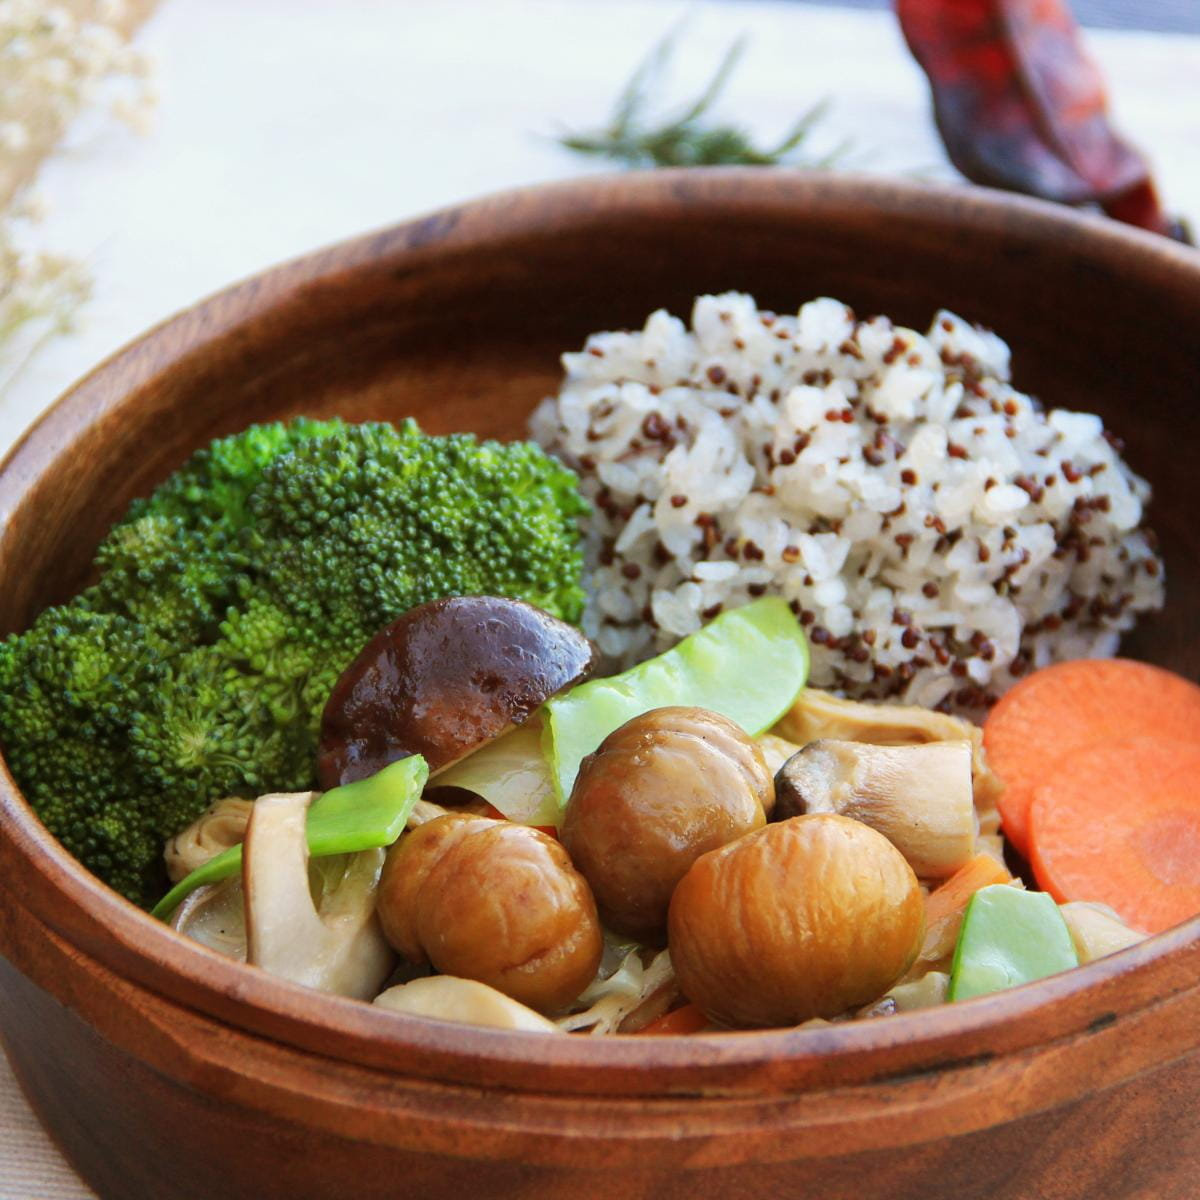 【原味時代】美味蔬食餐-和風栗子烤群菇 0